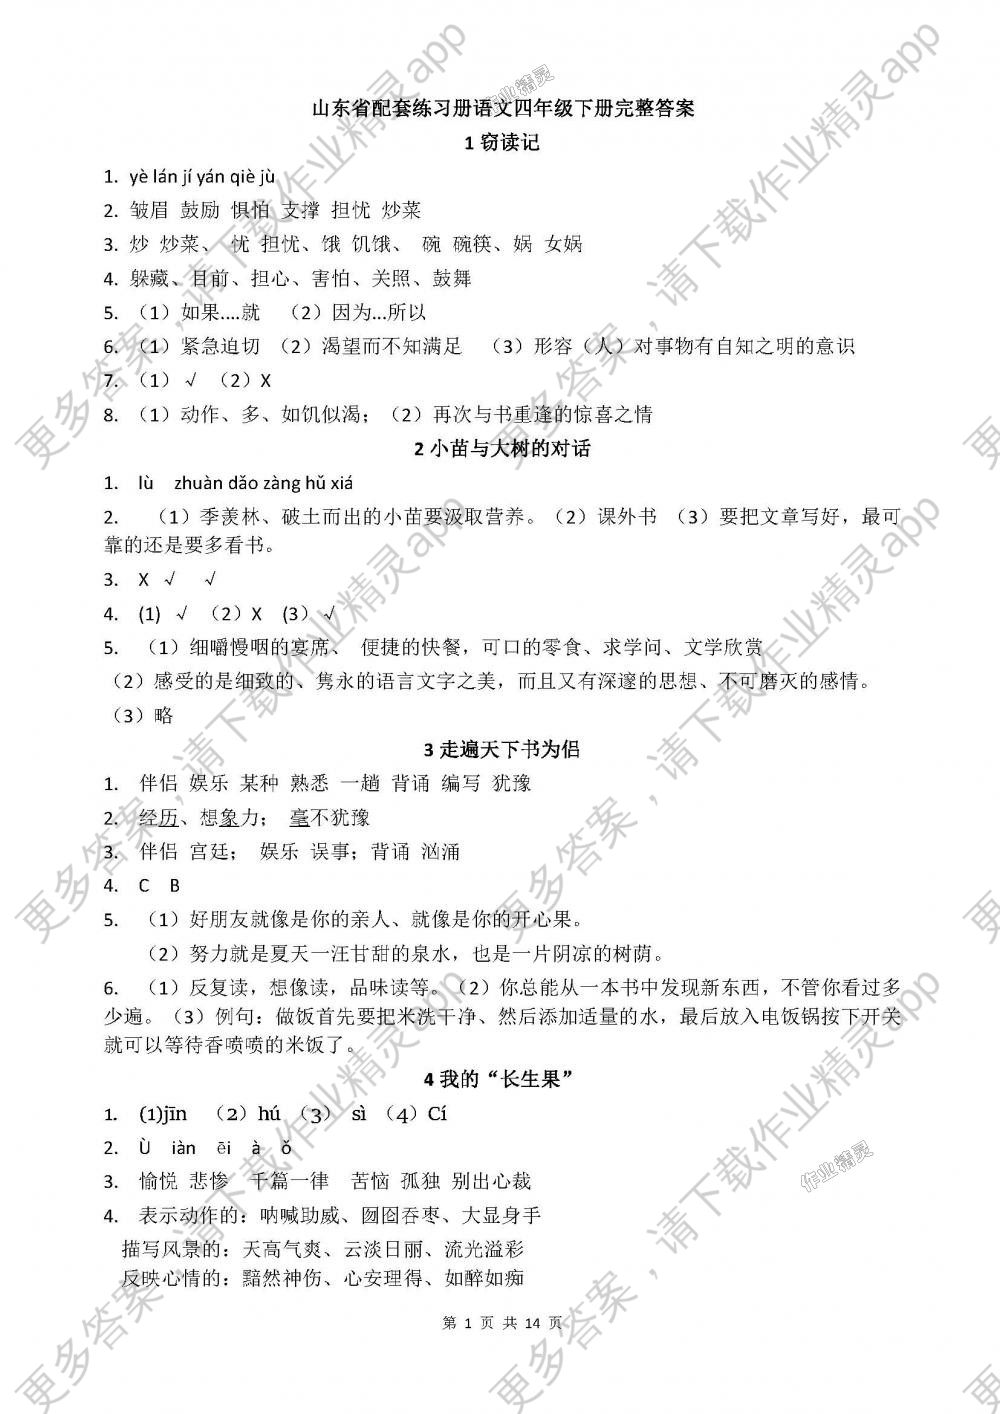 2018年配套练习册山东教育出版社四年级语文下册鲁教版 第1页